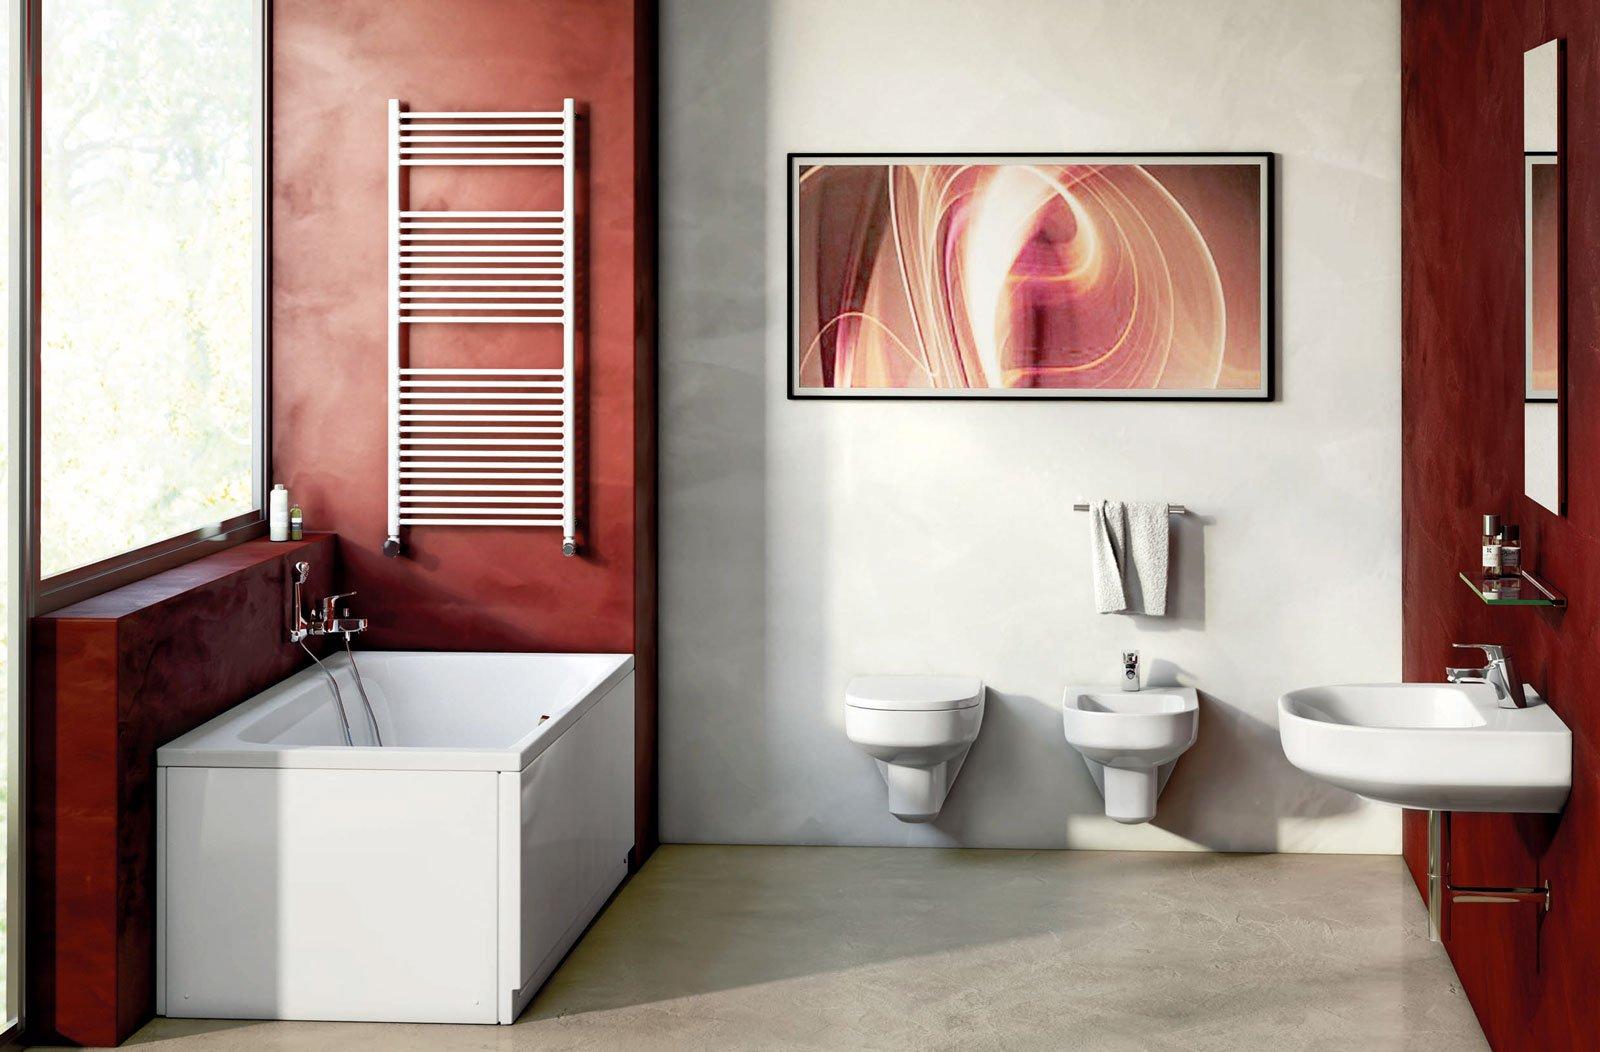 Vasche Da Bagno Angolari Dolomite : Vasche da bagno in acrilico leggere e antiscivolo hanno